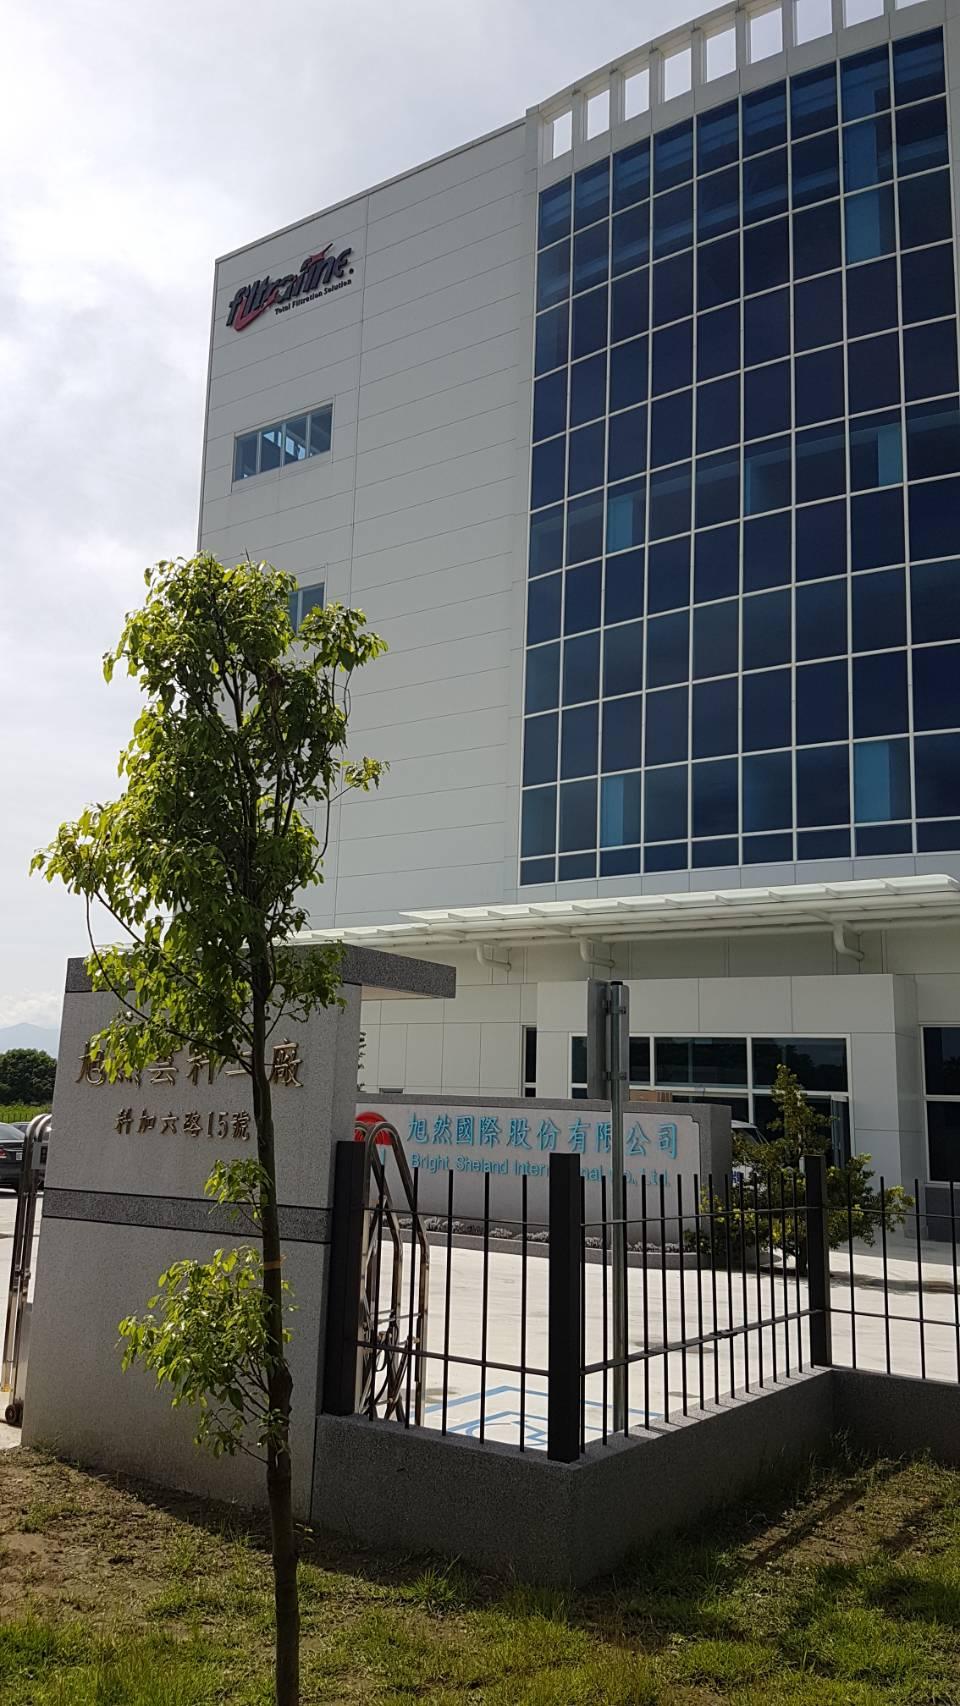 旭然國際股份有限公司電力設備工程參與實績